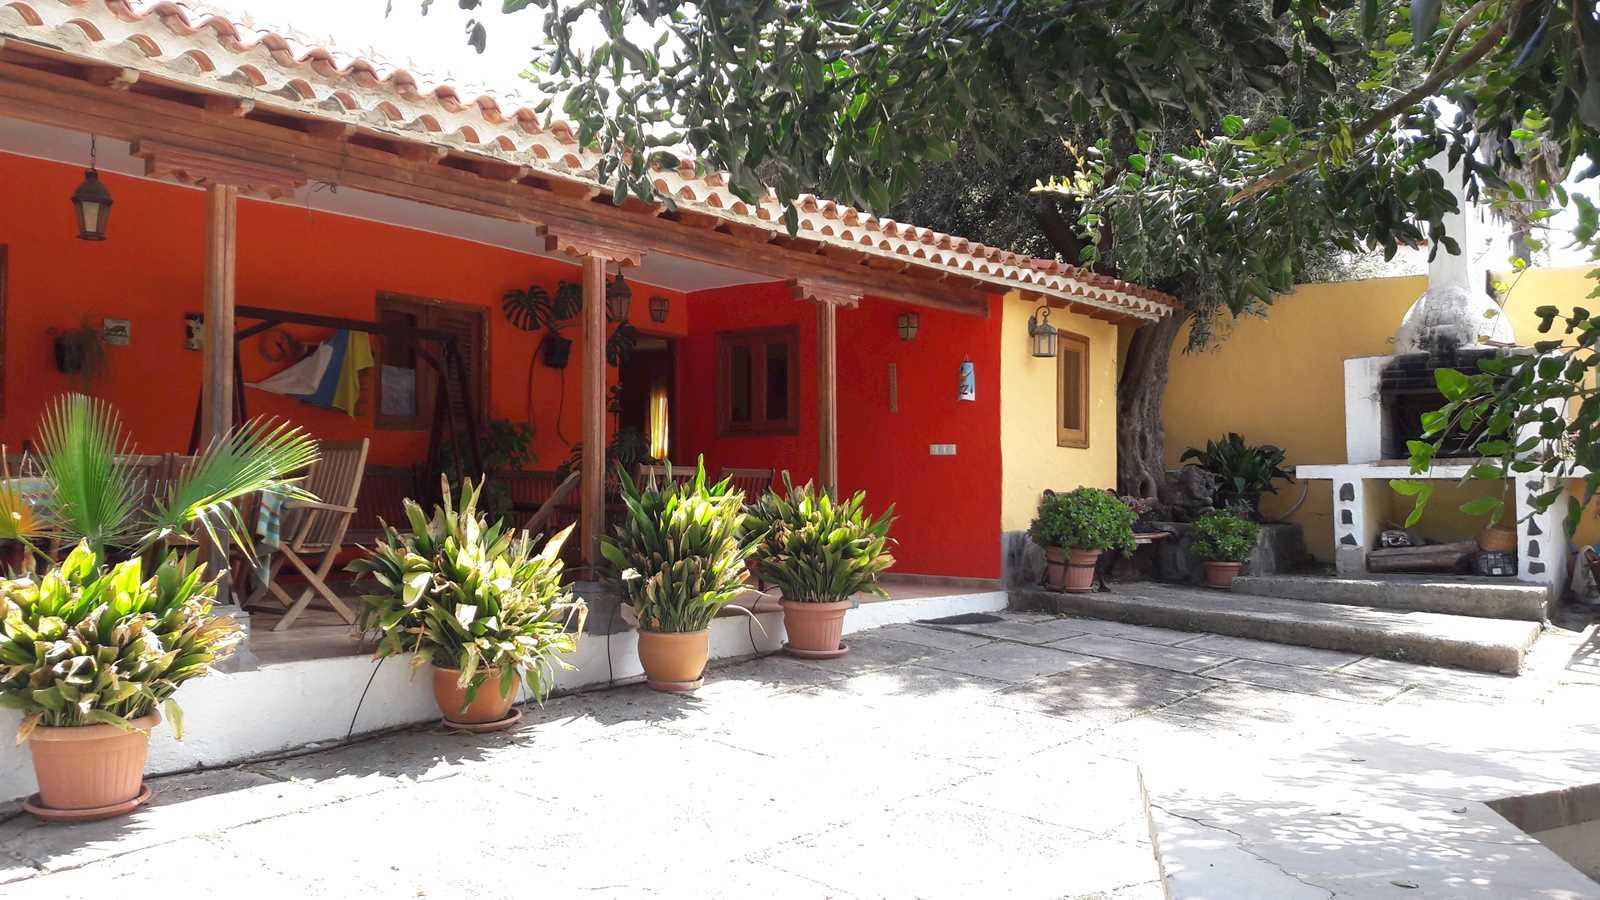 Finca/Casa Rural de 4 habitaciones en Fataga en venta - 315.000 € (Ref: 3467930)